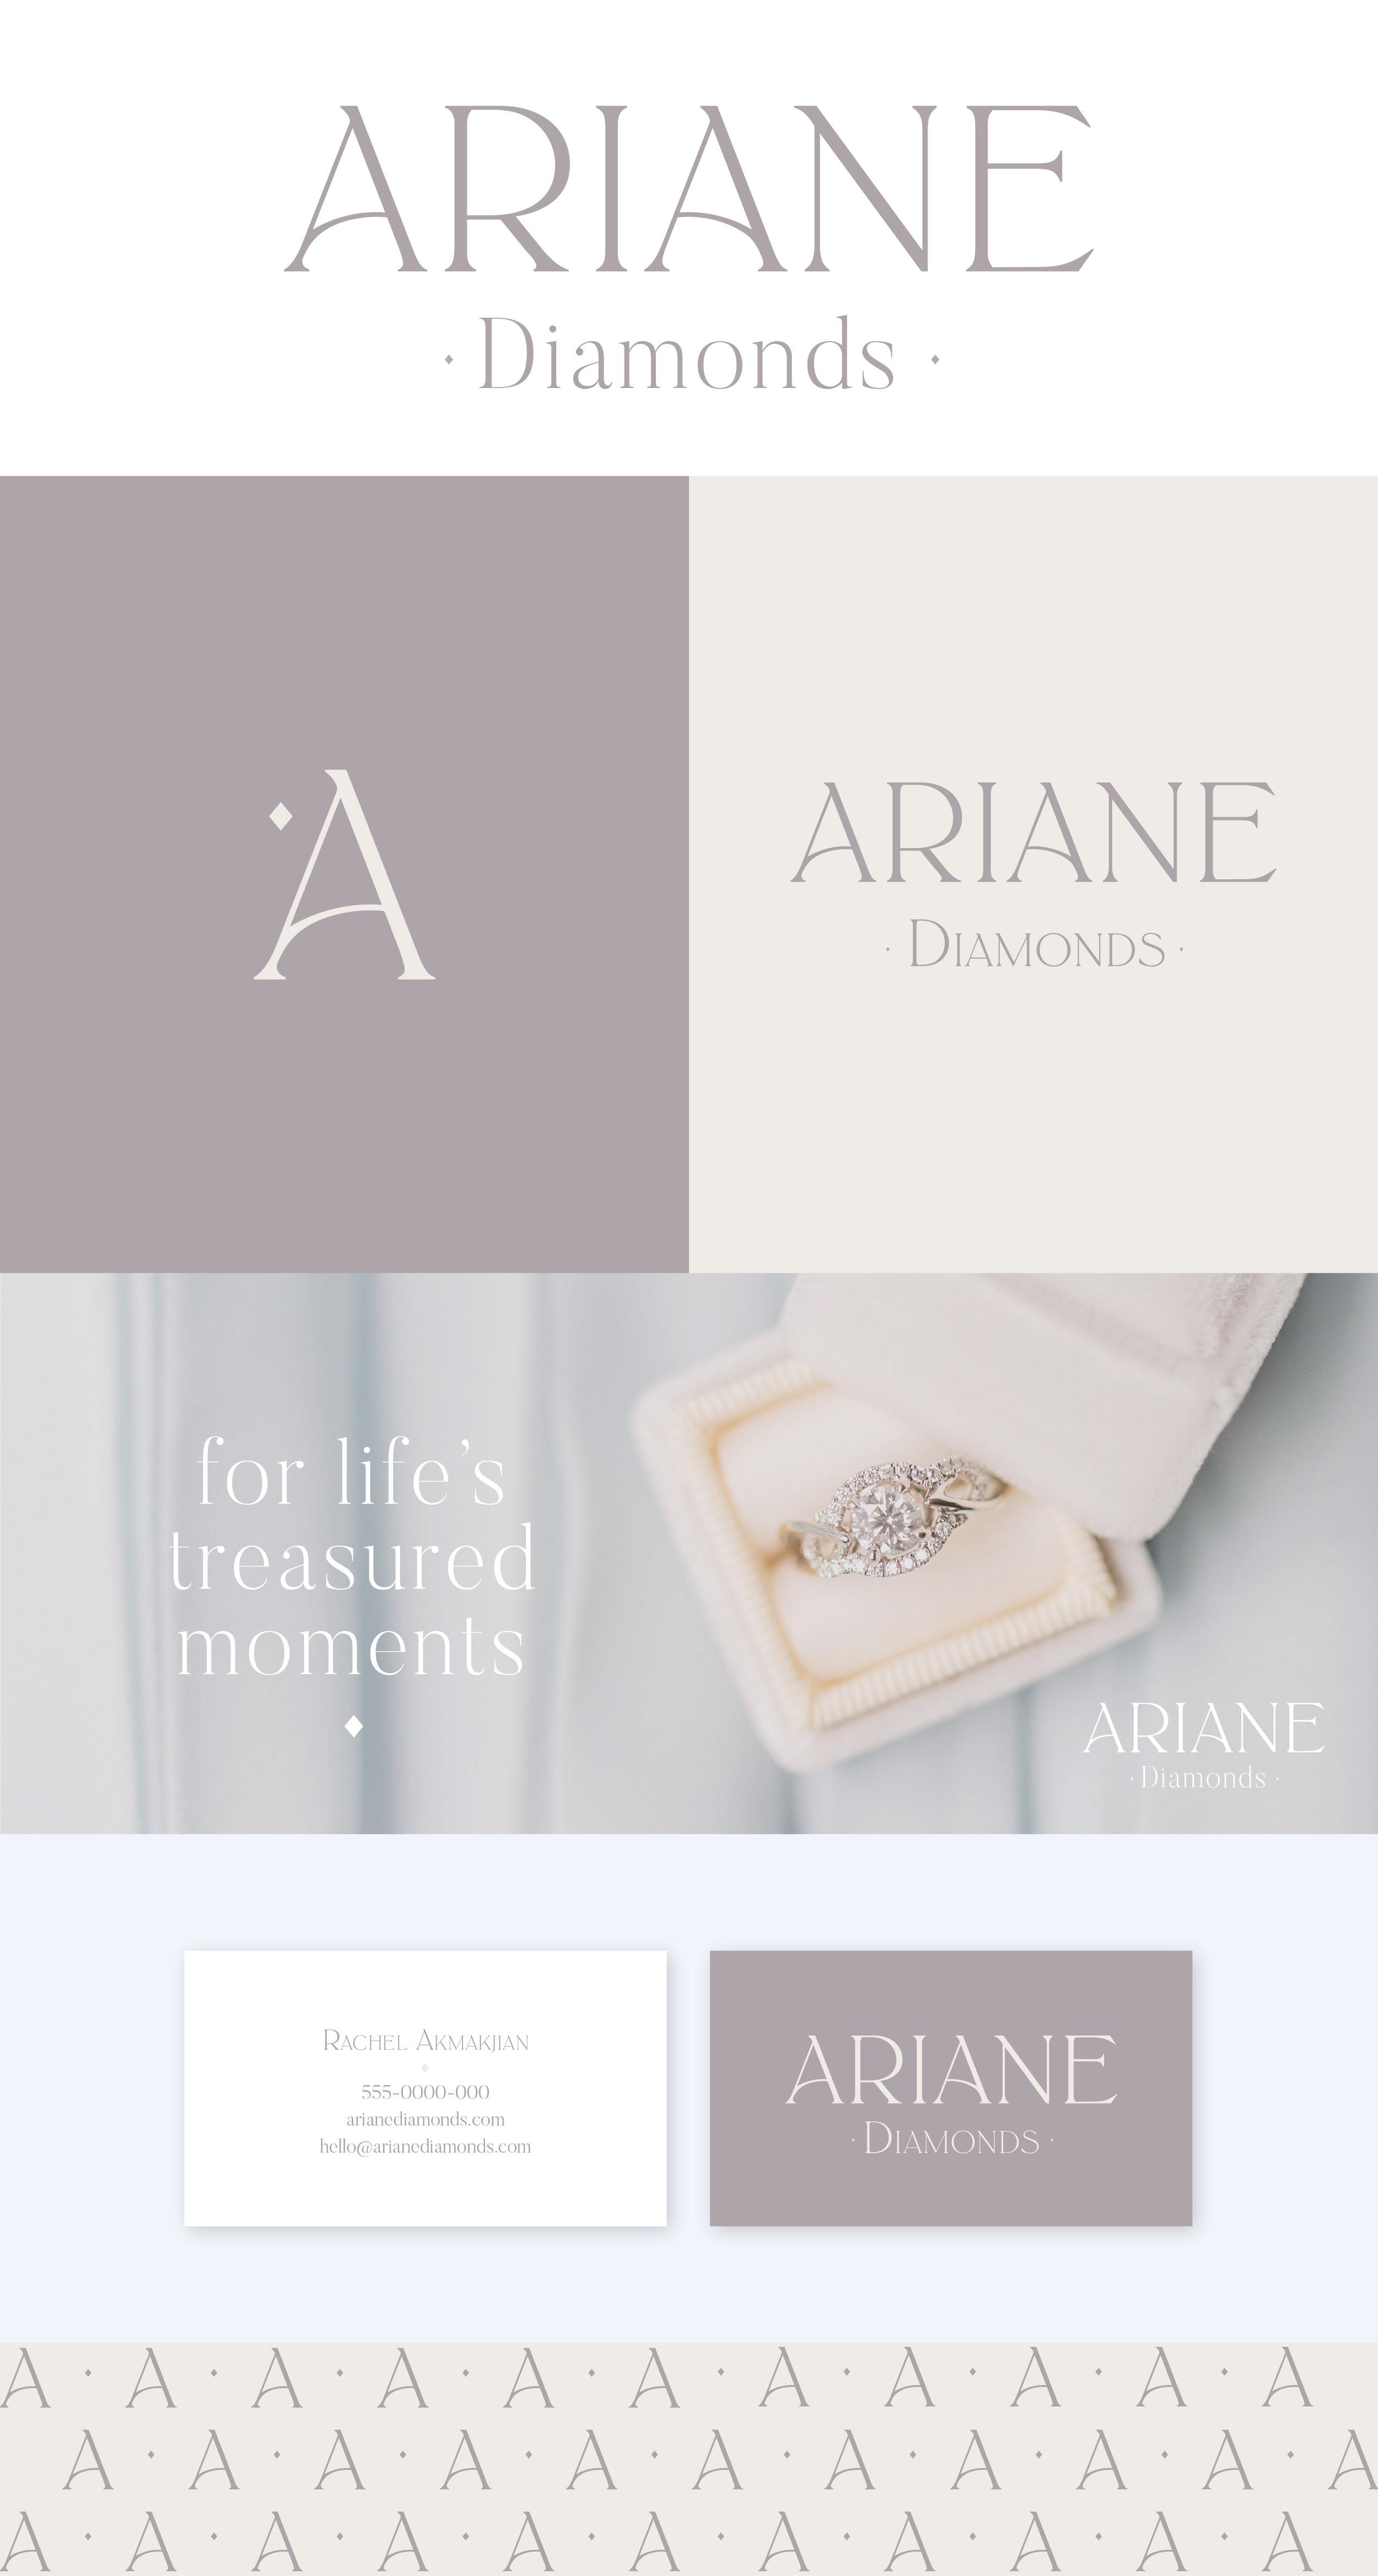 Ariane_FirstLook-01.jpg